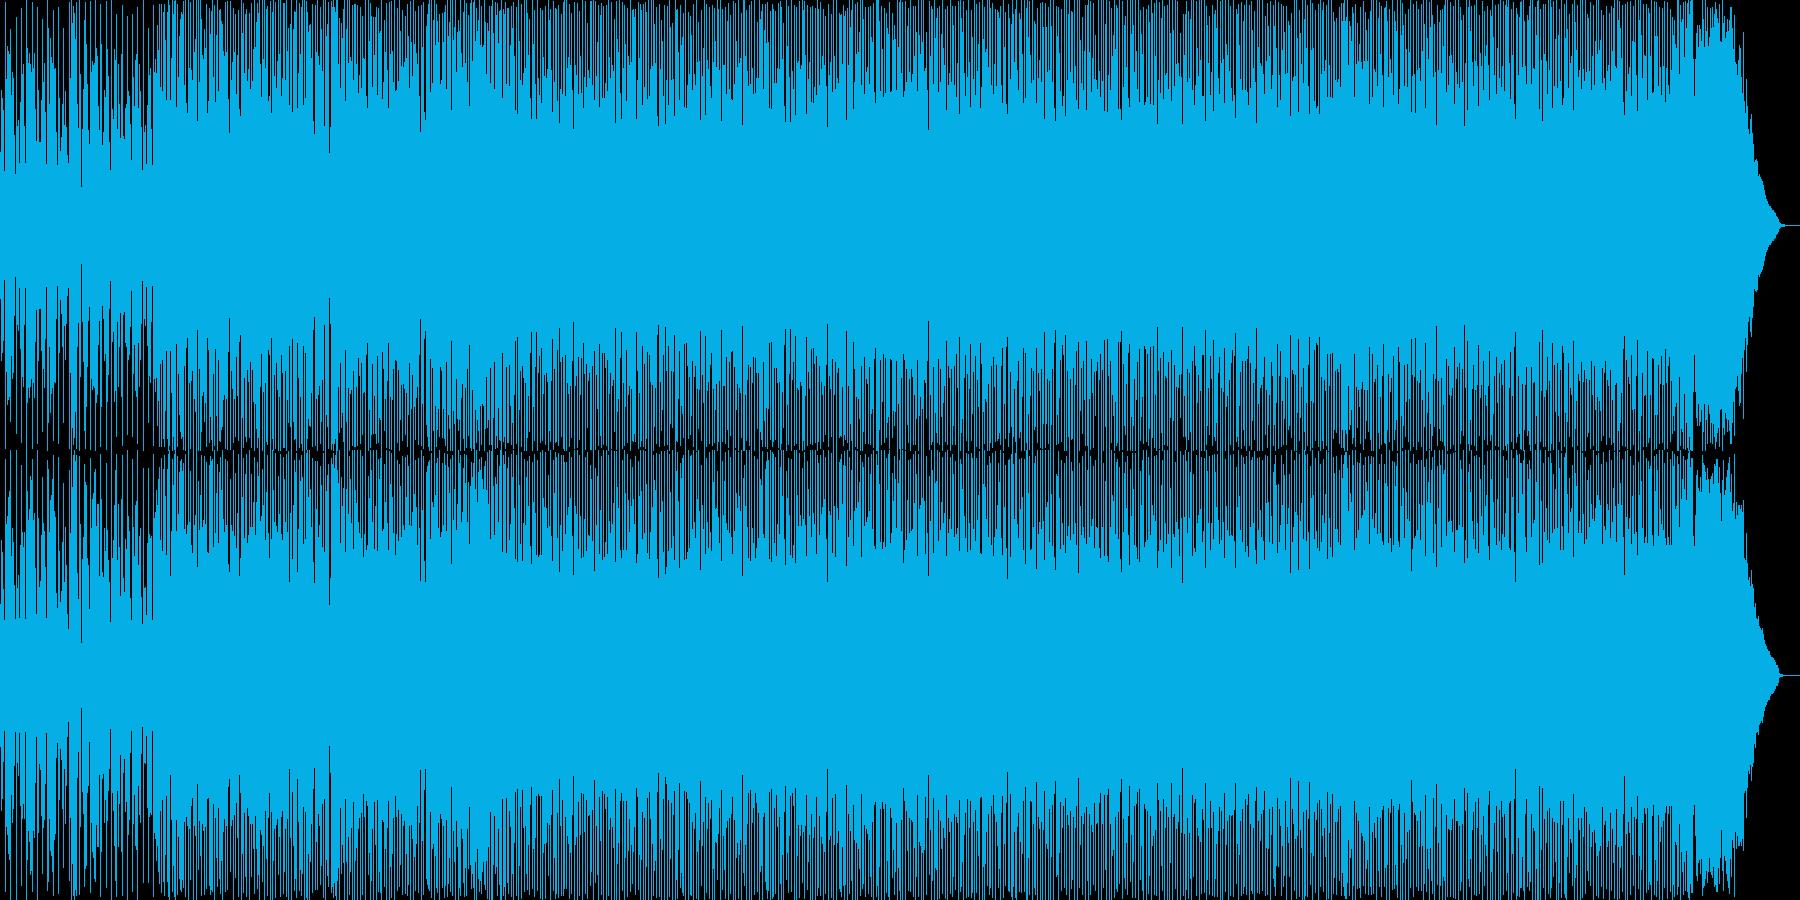 ゴリゴリのテクノトラックの再生済みの波形